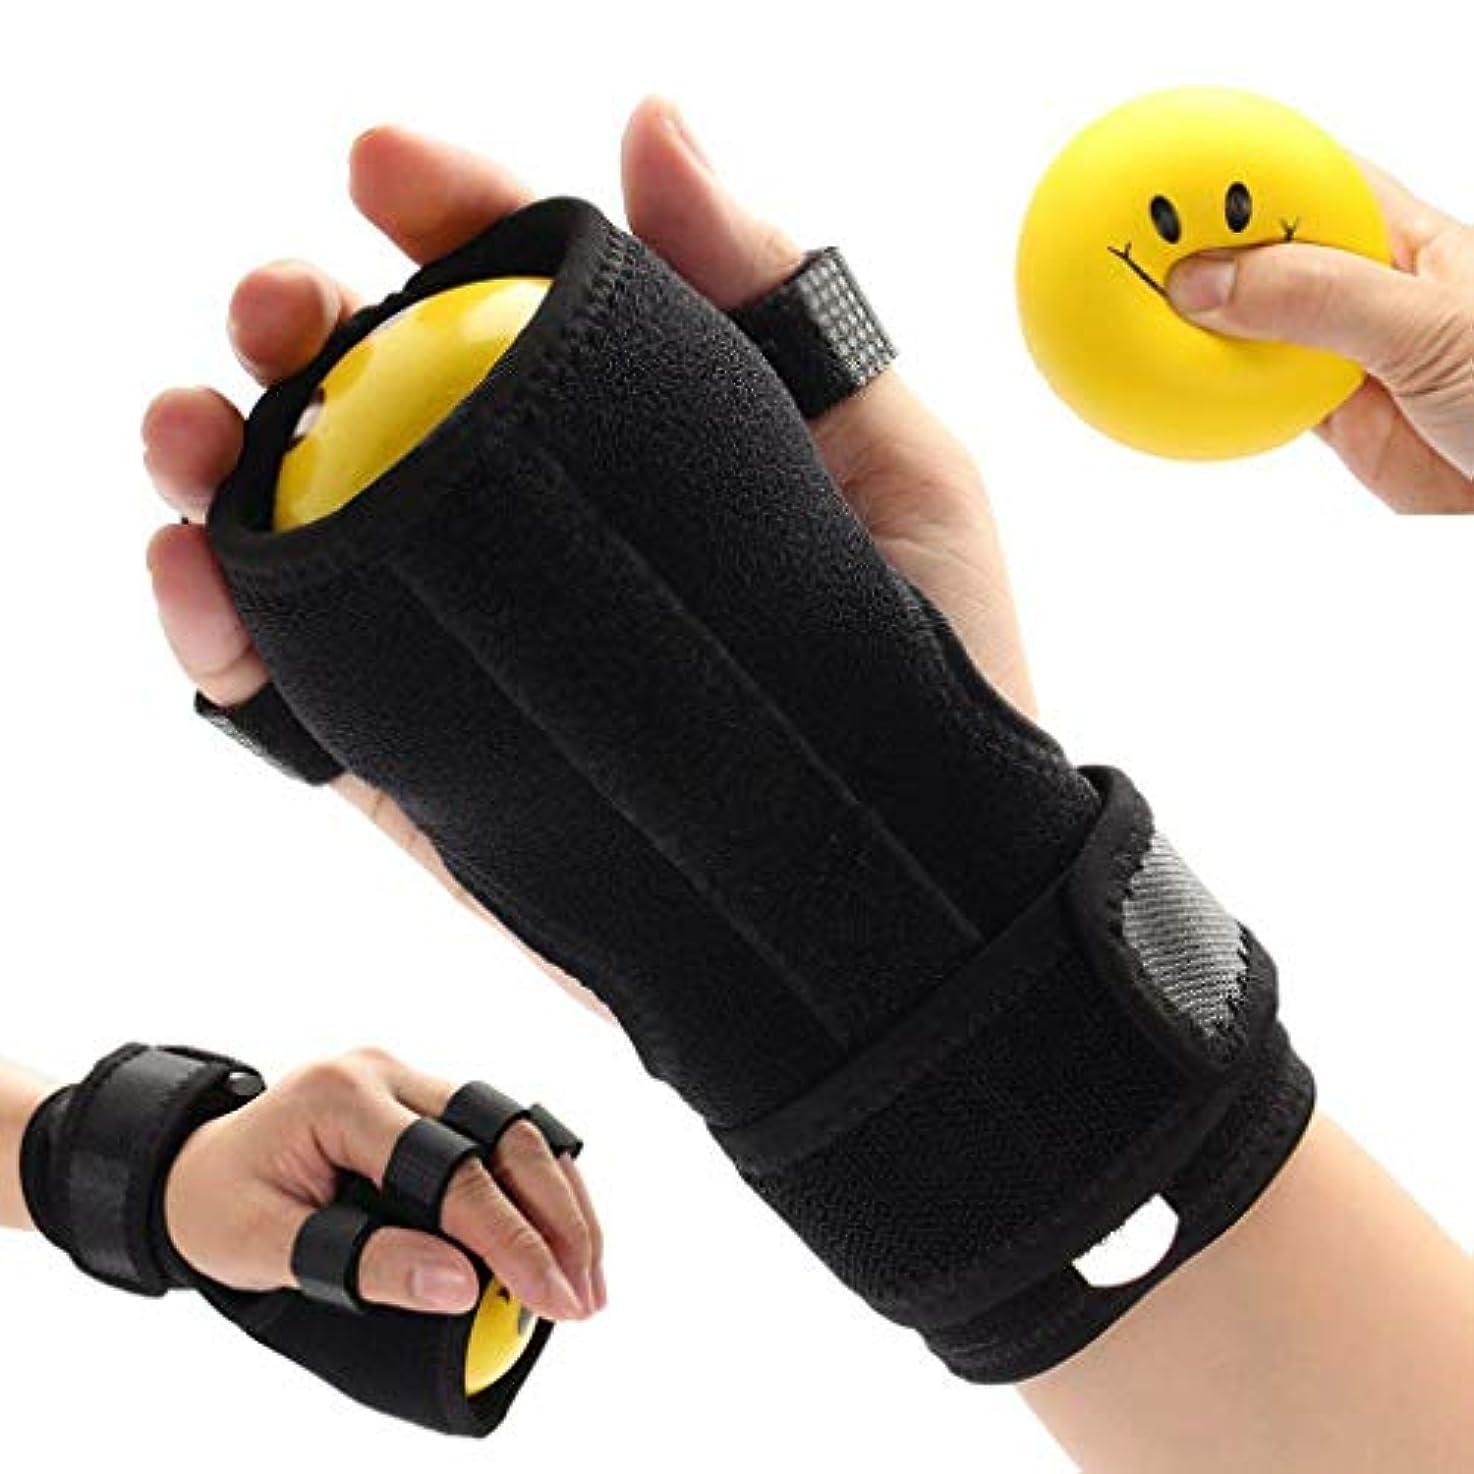 登場マダム現像抗痙攣性ボール - 指手首リハビリテーション練習用装具、機能的副子手、手の機能障害/片麻痺/脳卒中用